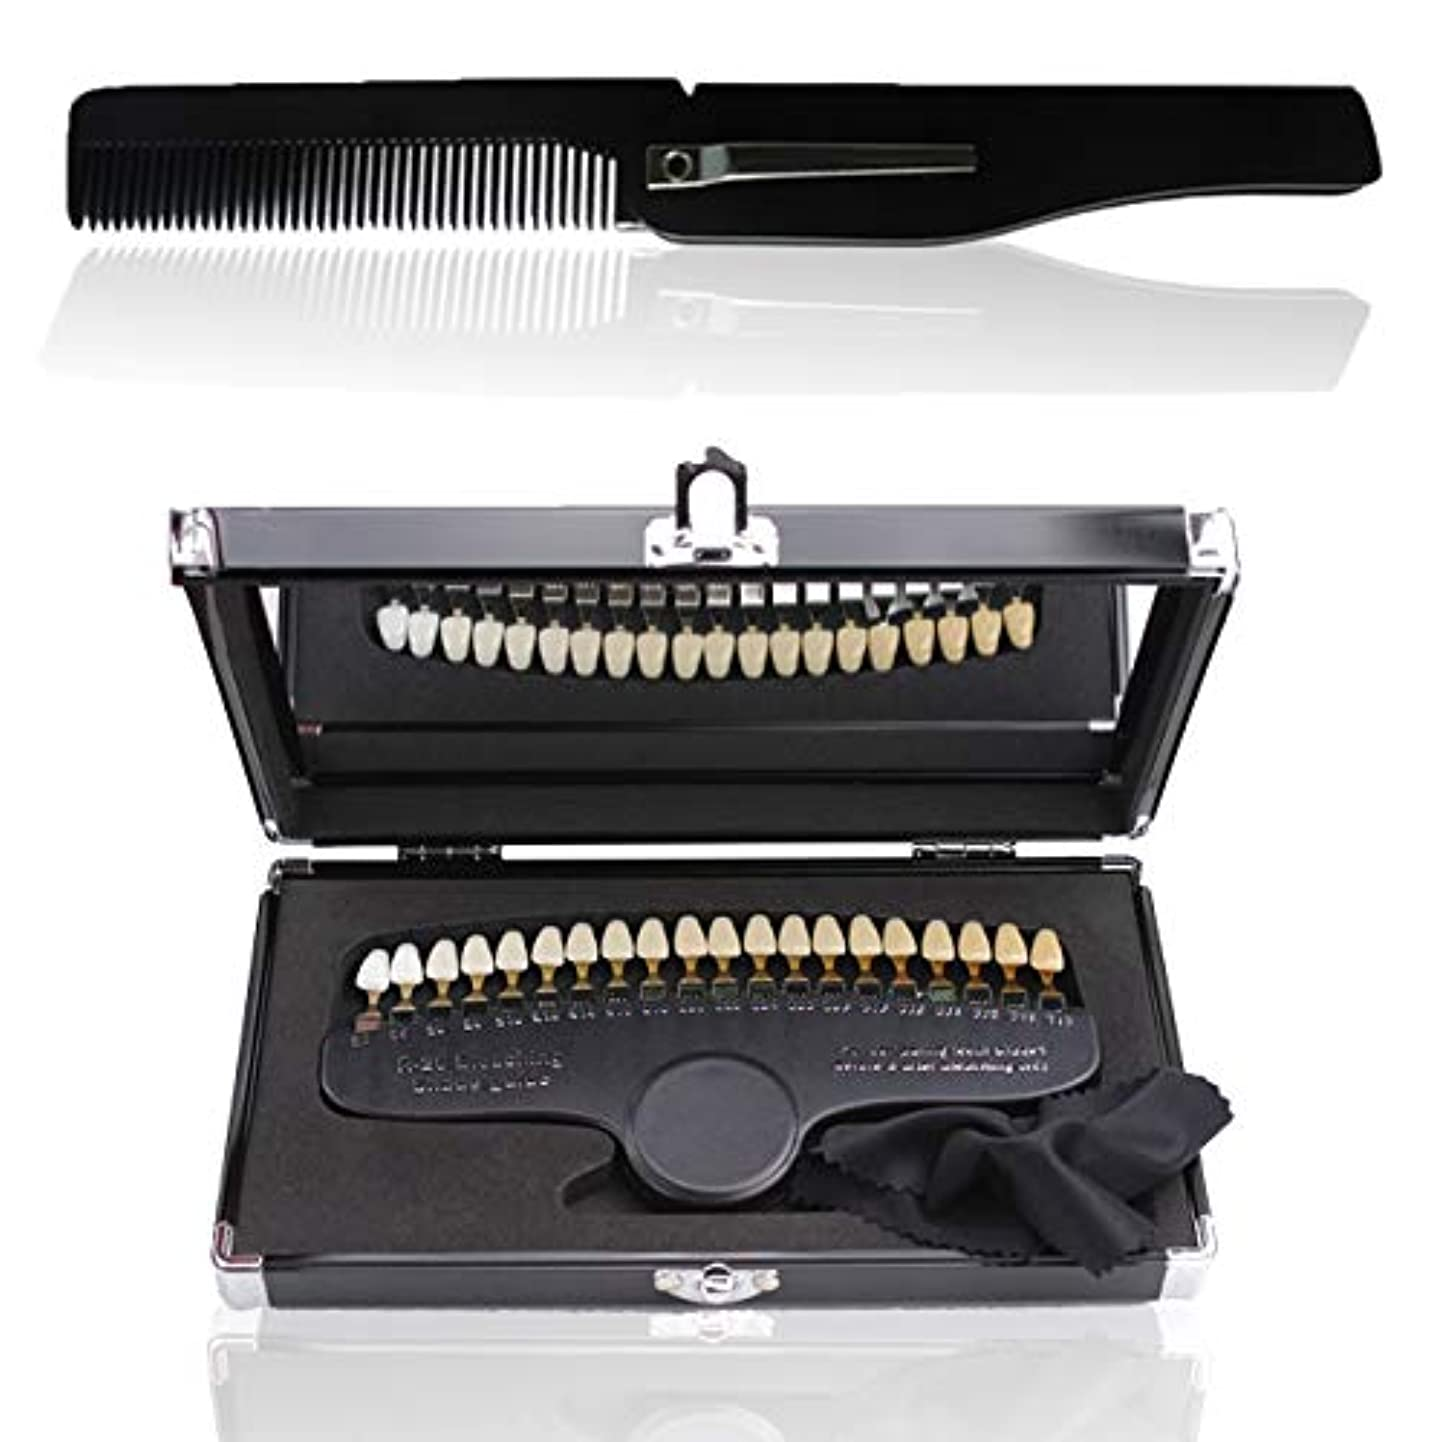 うまれた挽く口頭フェリモア 歯 シェードガイド 色見本 歯列模型 段階的 櫛付き 鏡付き 収納ケース付き 20段階 (20段階)